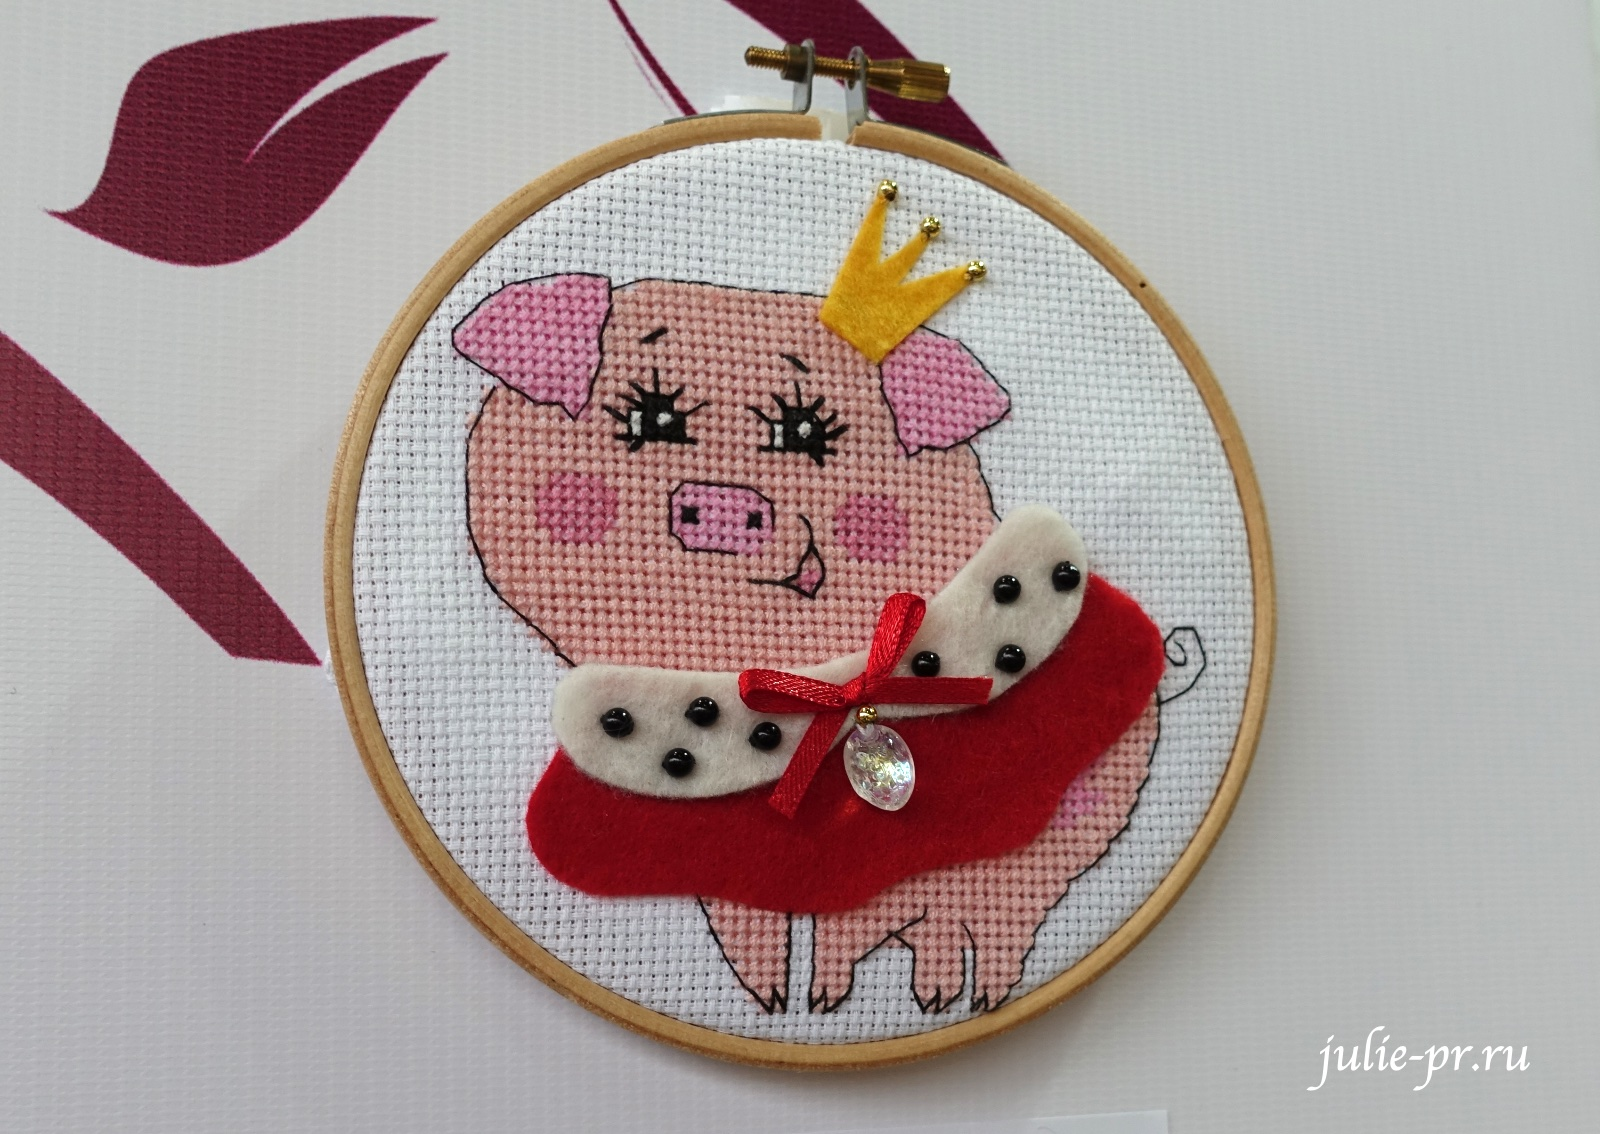 вышивка крестом, поросенок, год свиньи, риолис, формула рукоделия